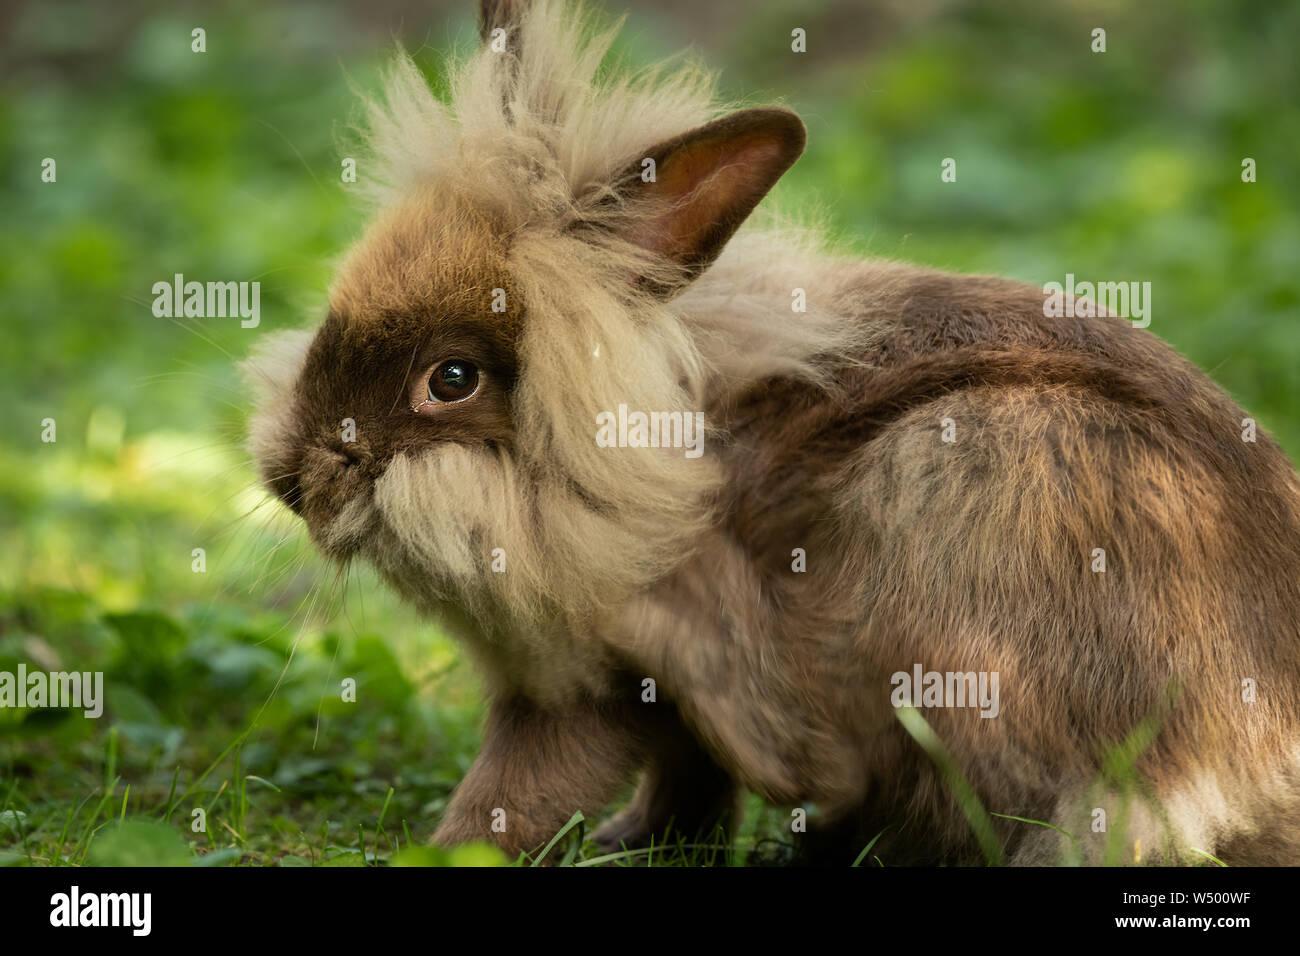 Un mignon lapin nain brun (lions head) reposant dans l'herbe Banque D'Images